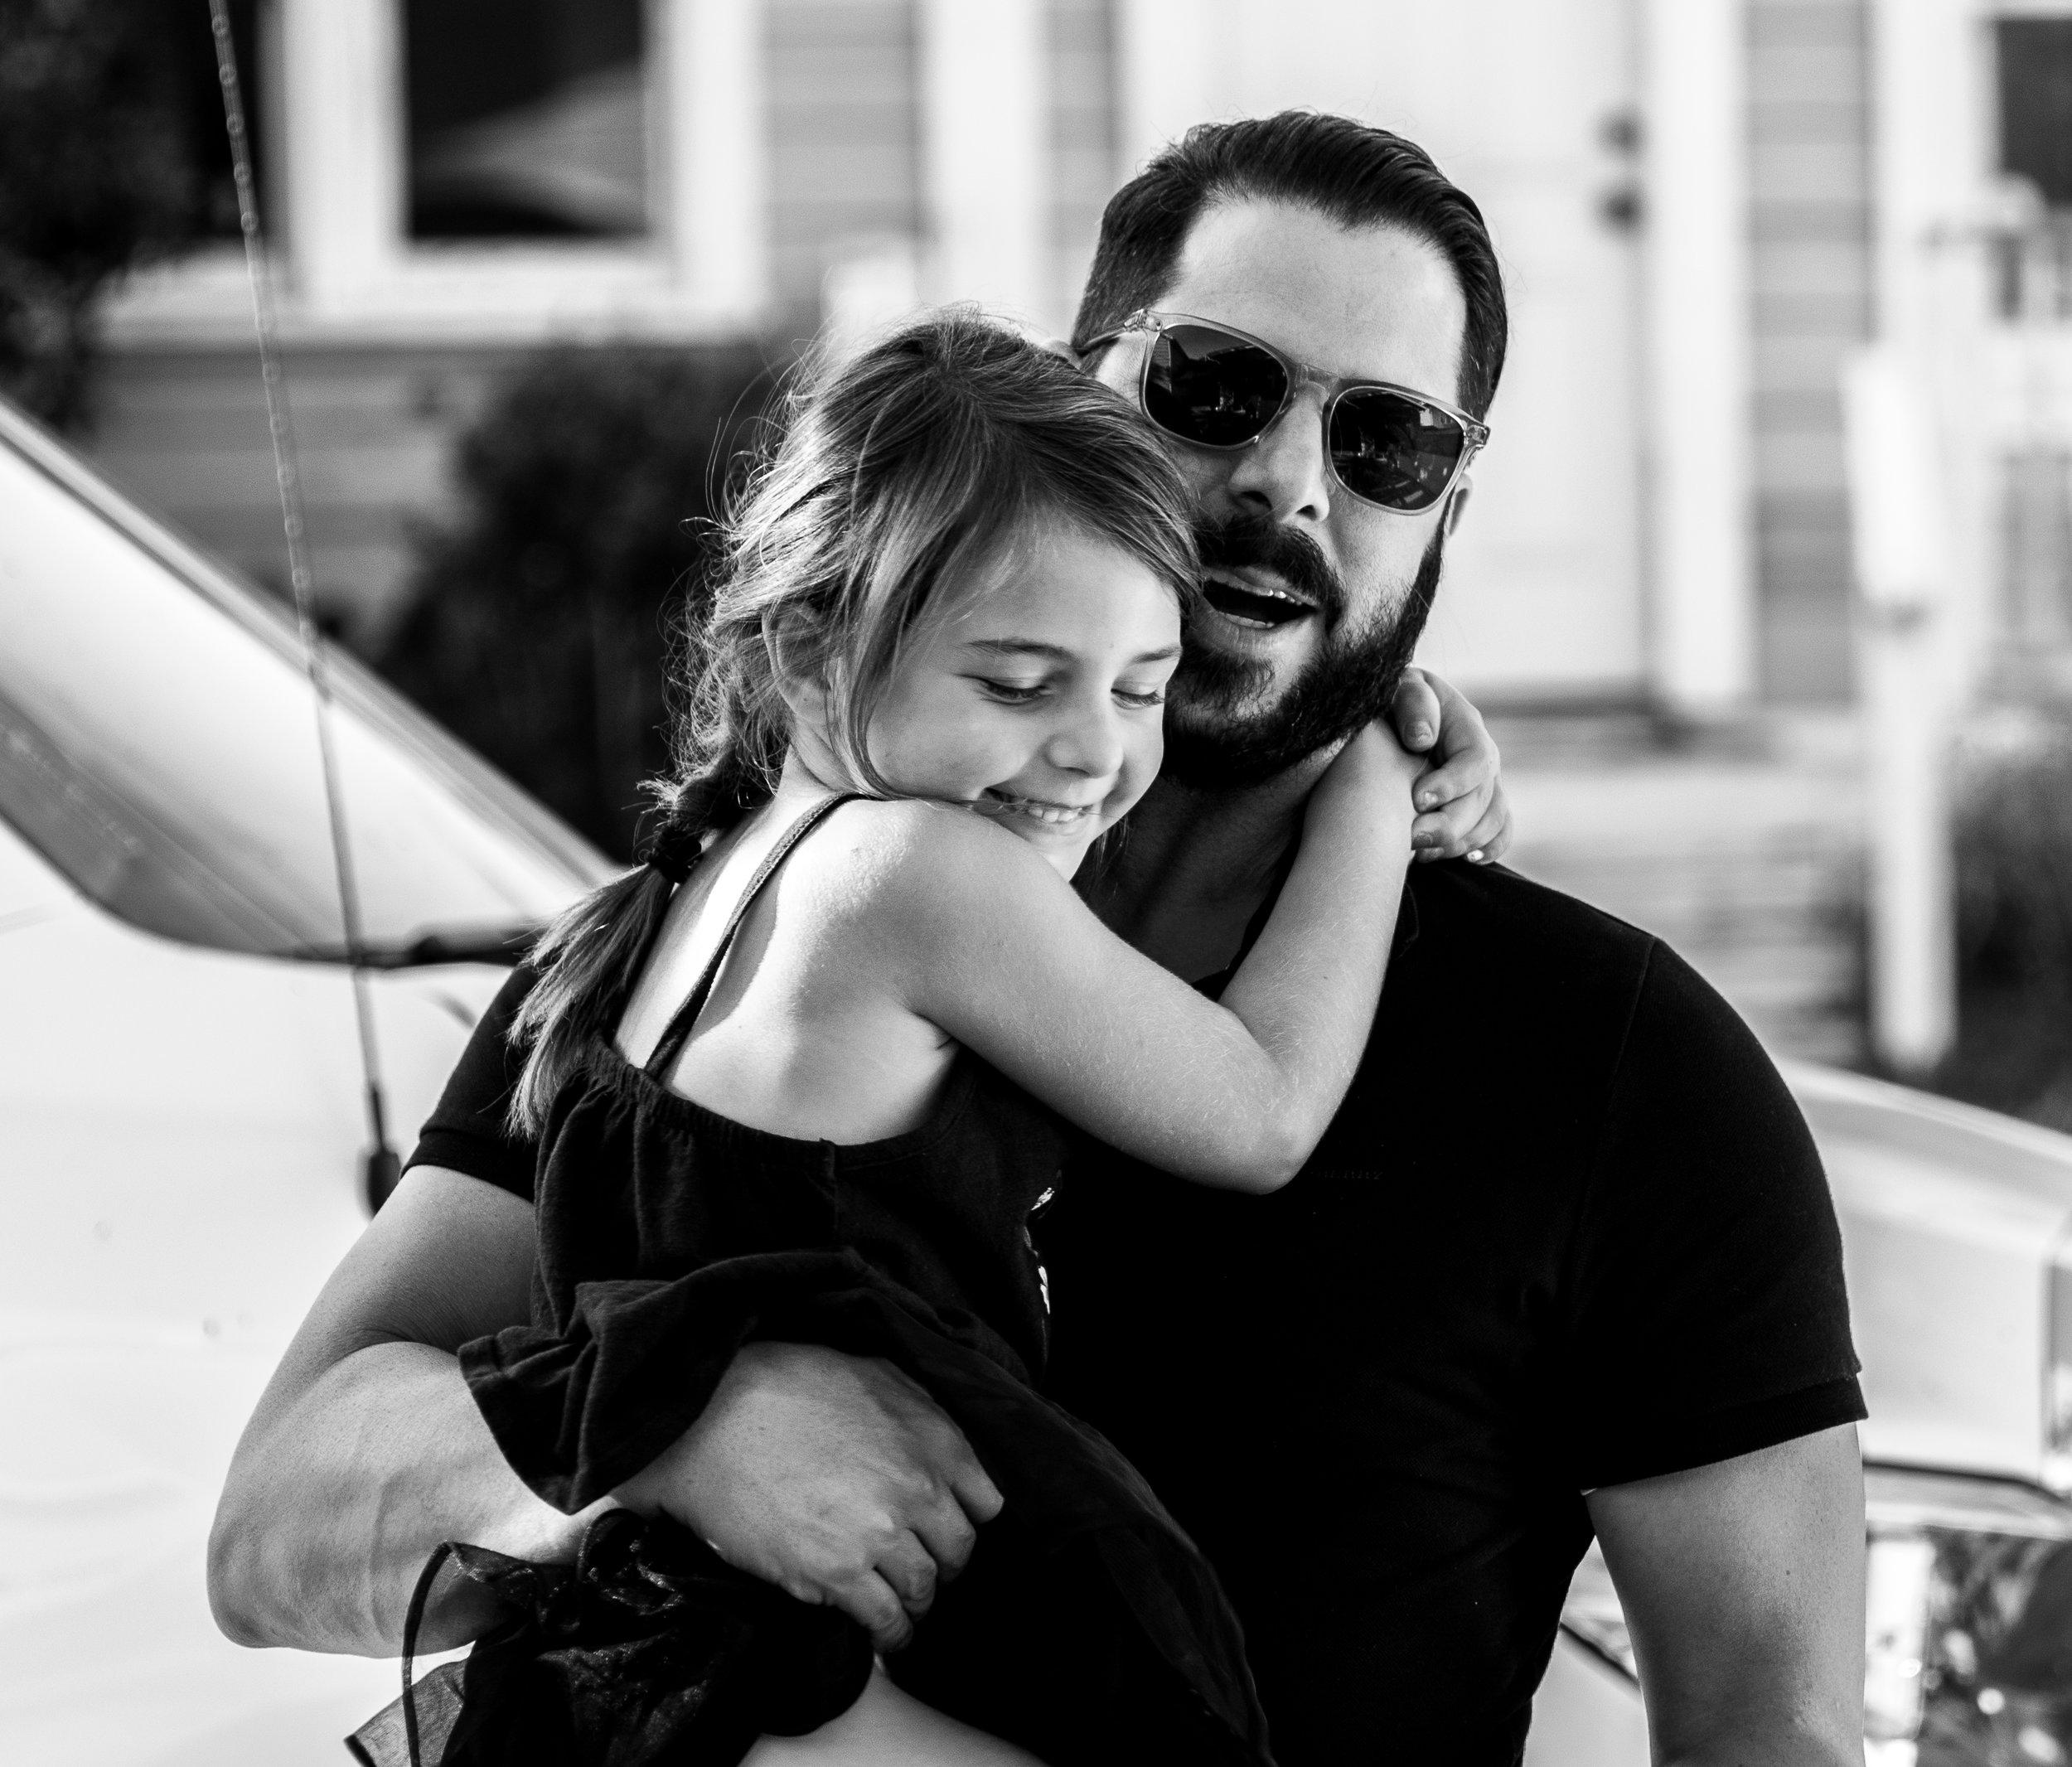 Ades Family-20192108-eunique deeann-TRAL9855.jpg